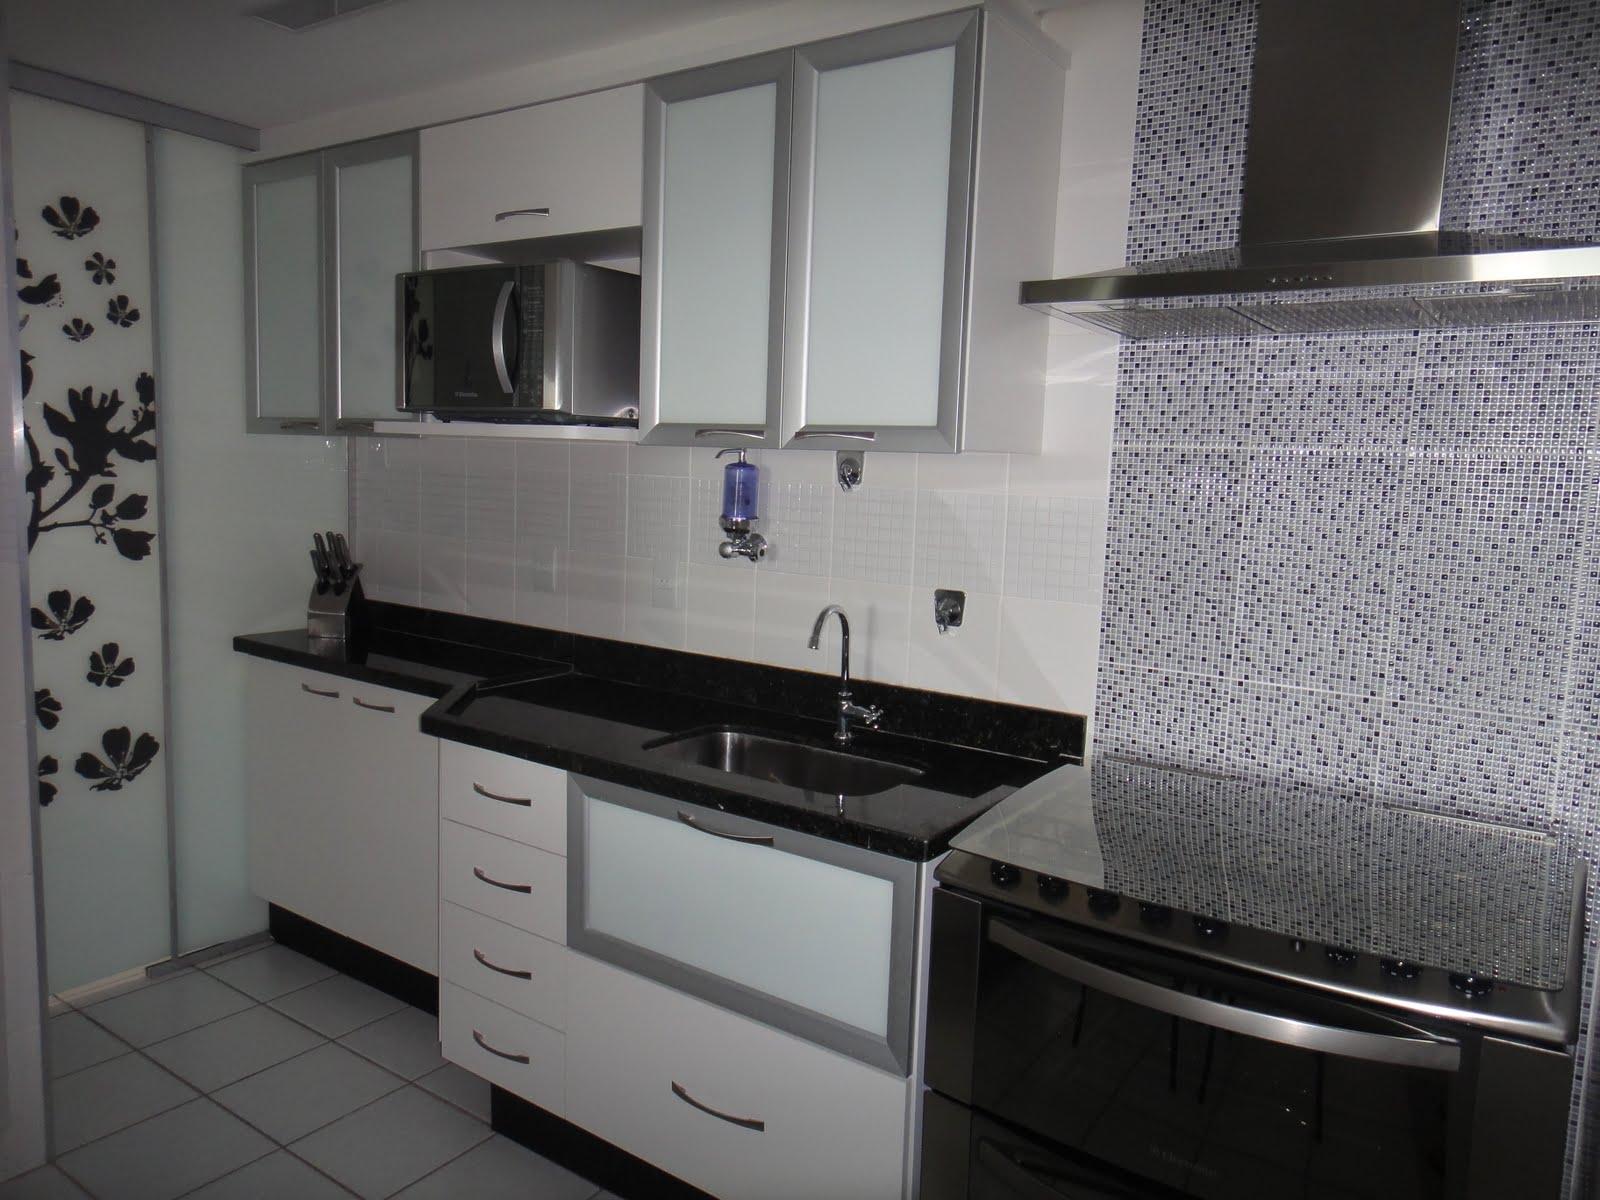 Quartos 1 Banheiro 1 Cozinha 1 Sala De Estar 1 Sala De Jantar E Quotes  #505059 1600 1200